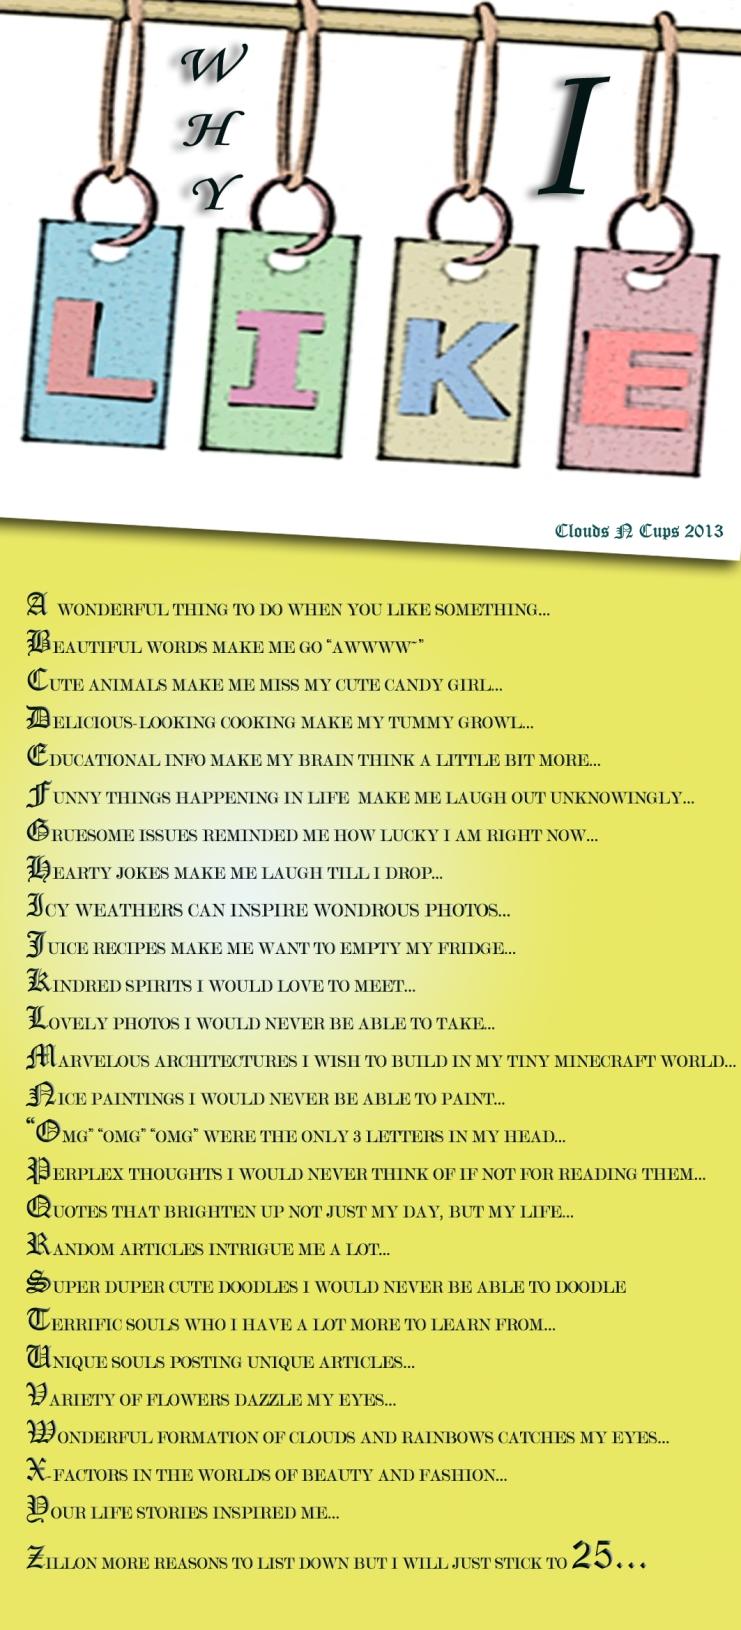 Why I Like - 28-1-2013